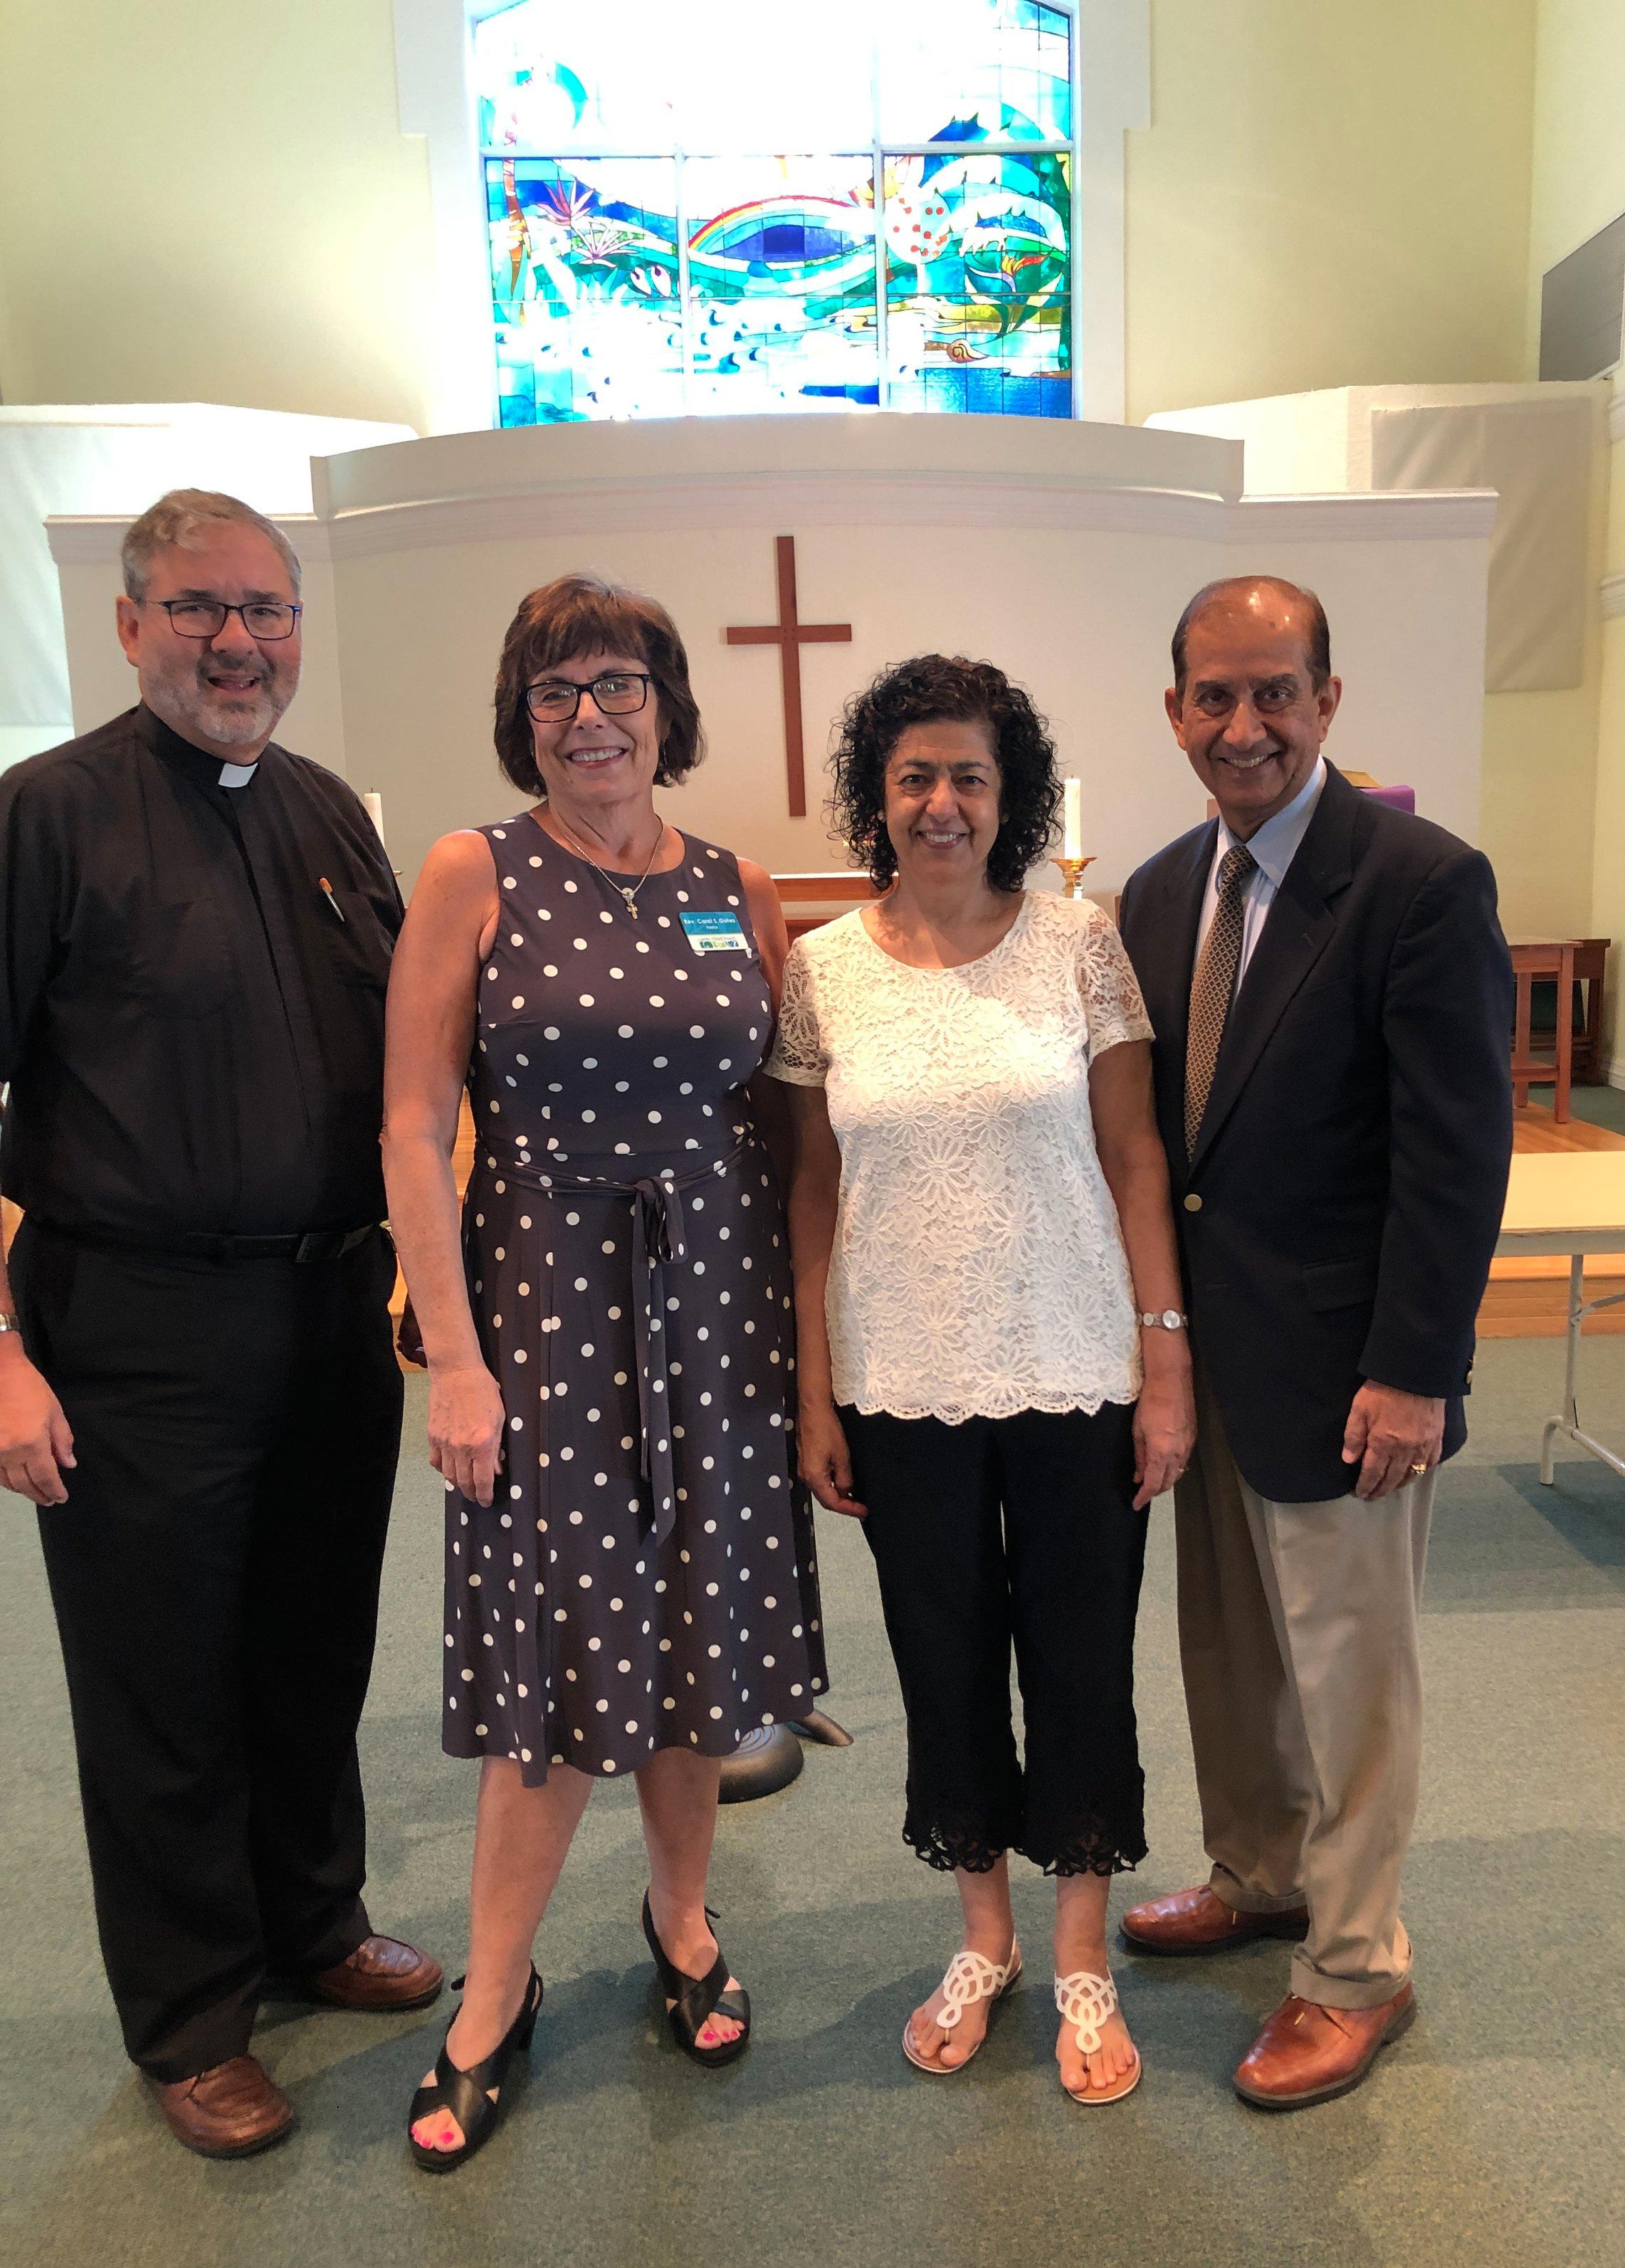 Pastor Walter Still, Rev. Carol Gates, & Khalid Rehman